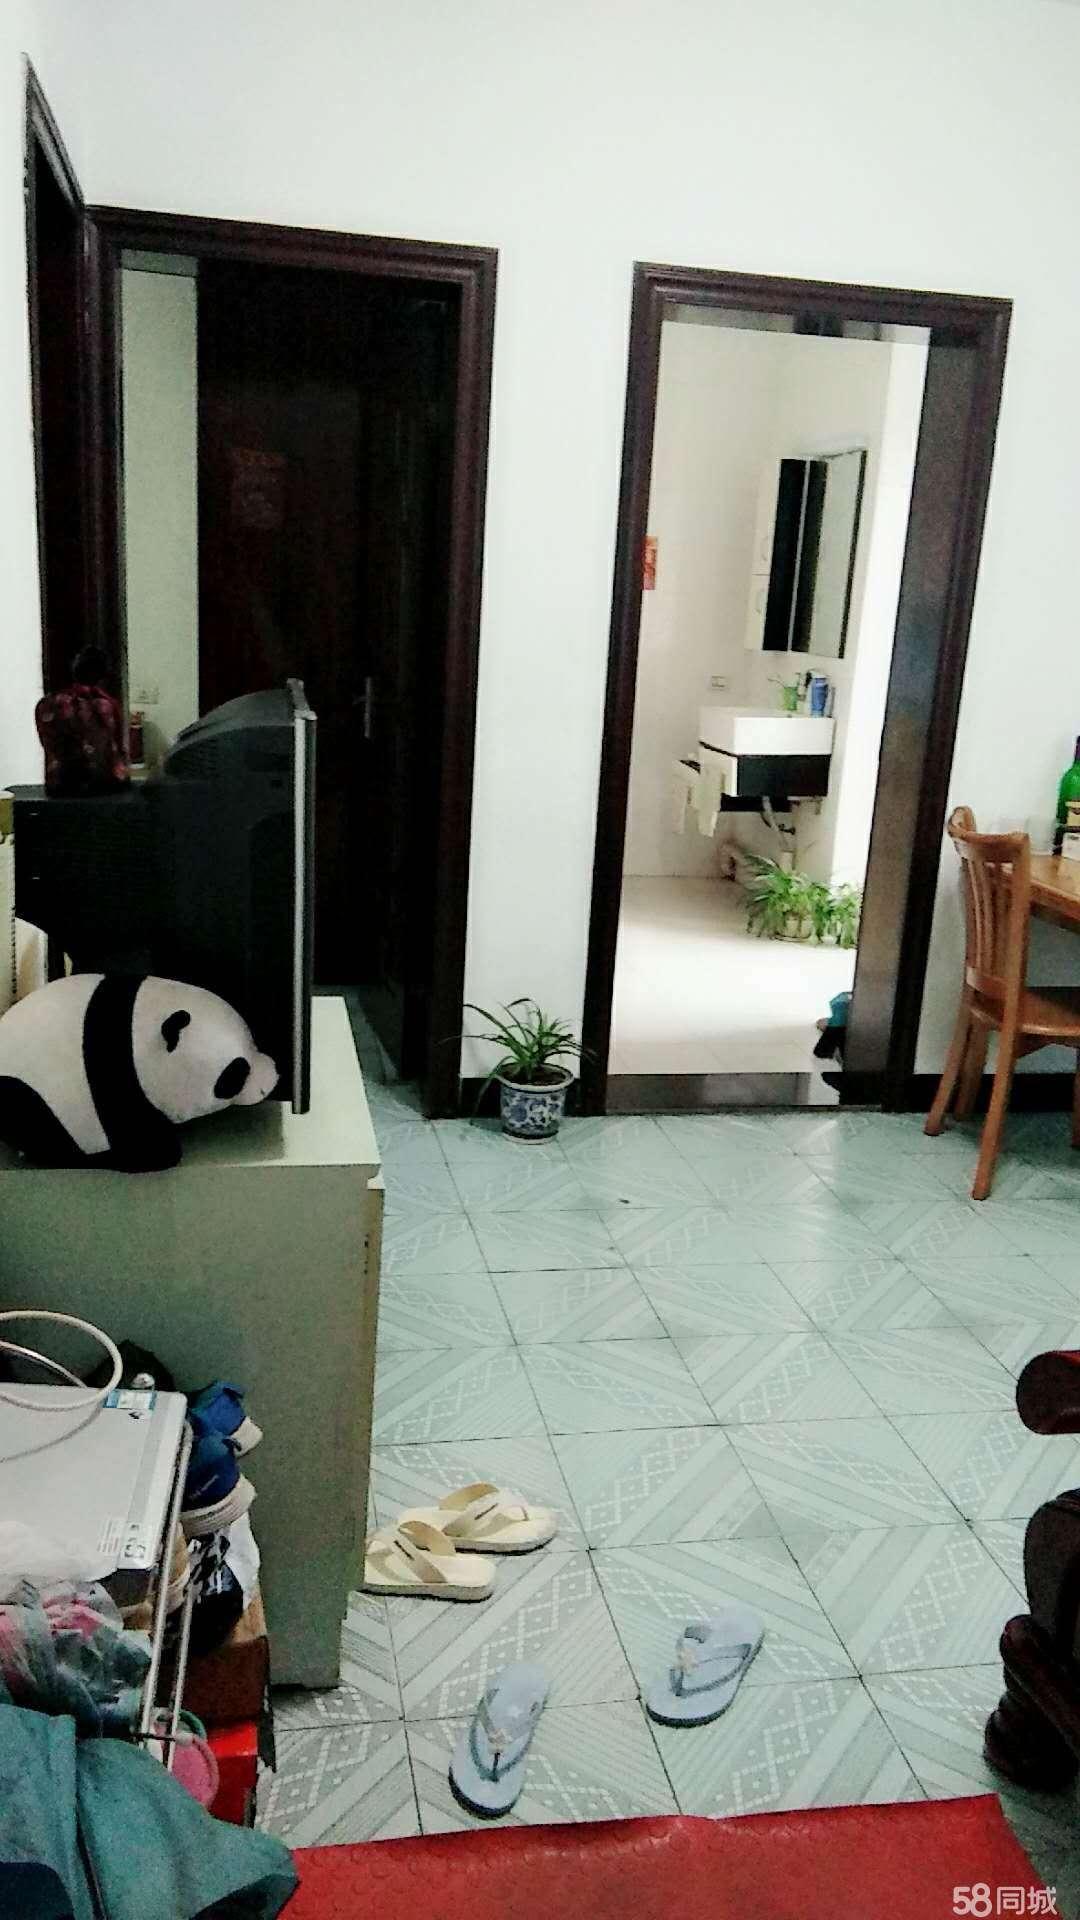 急售好房湘� 萍�新建村20��2室2室2�d1�l60平米